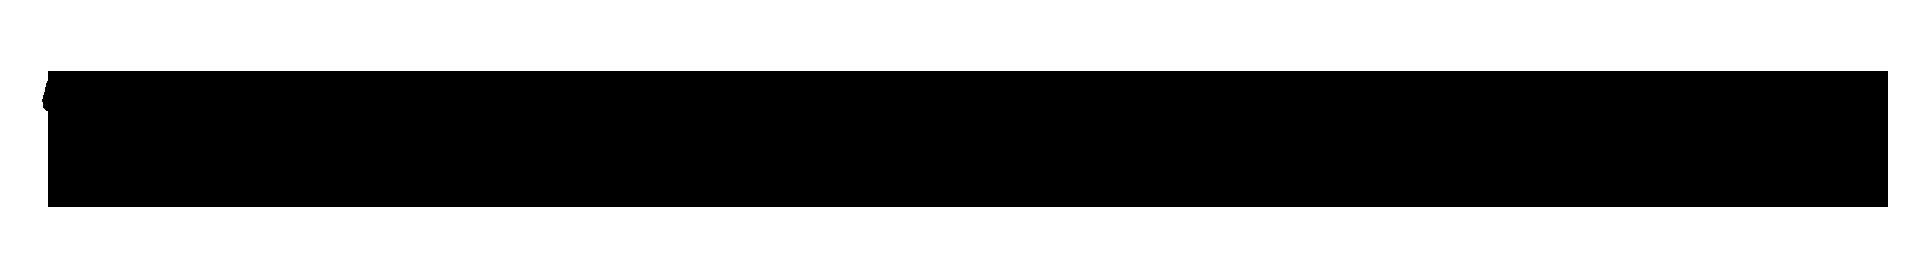 fraseluisiita2